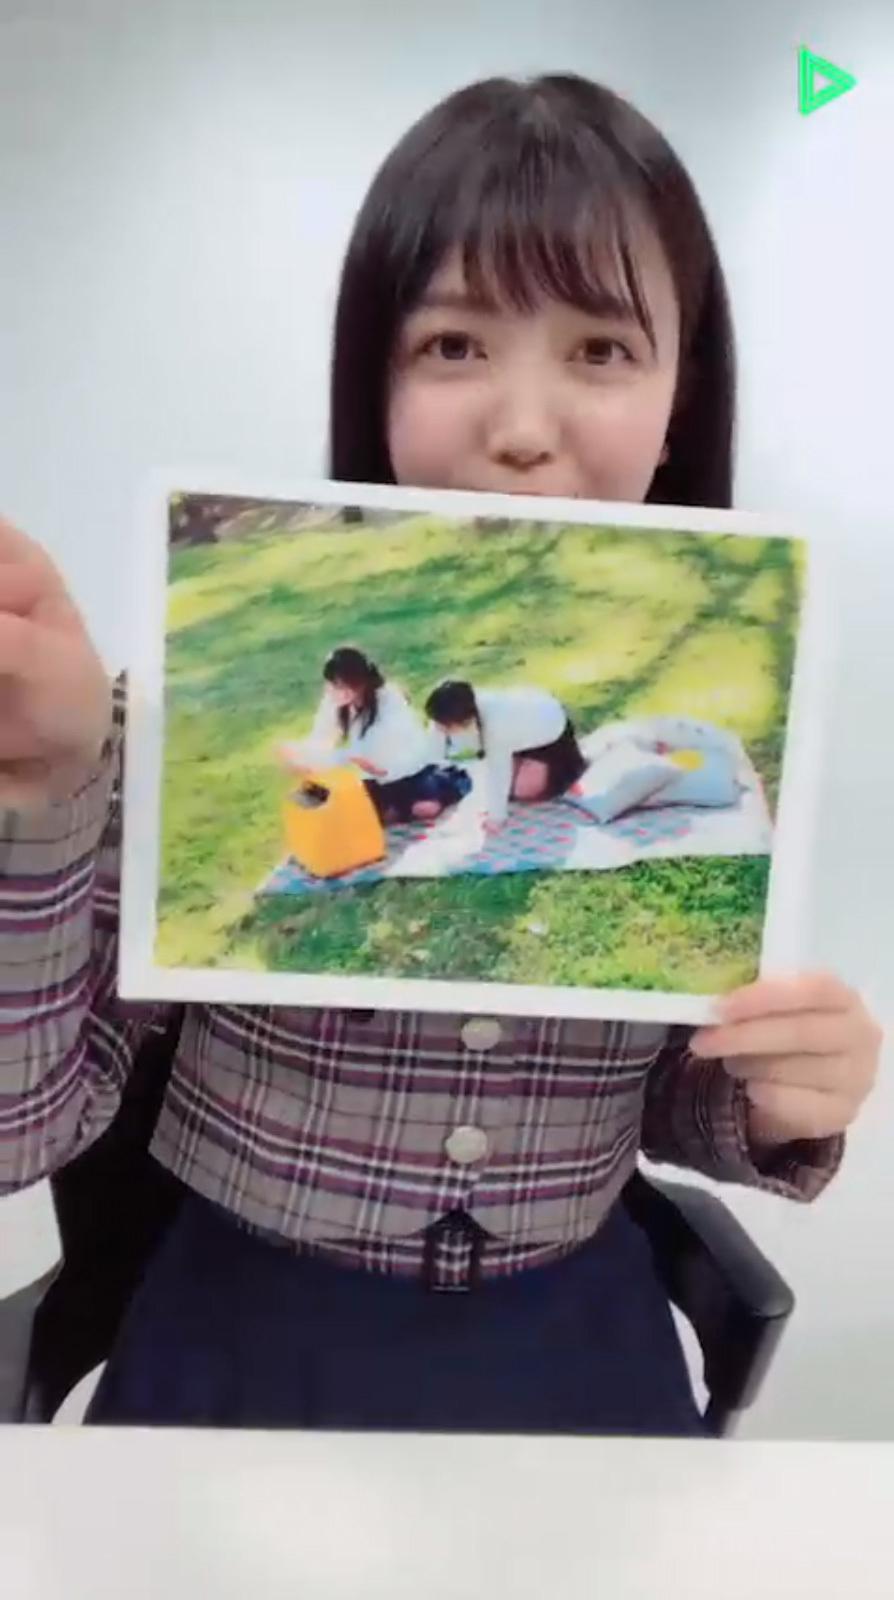 乃木坂46久保史緒里の乃木坂上り坂 LINE 与田祐希